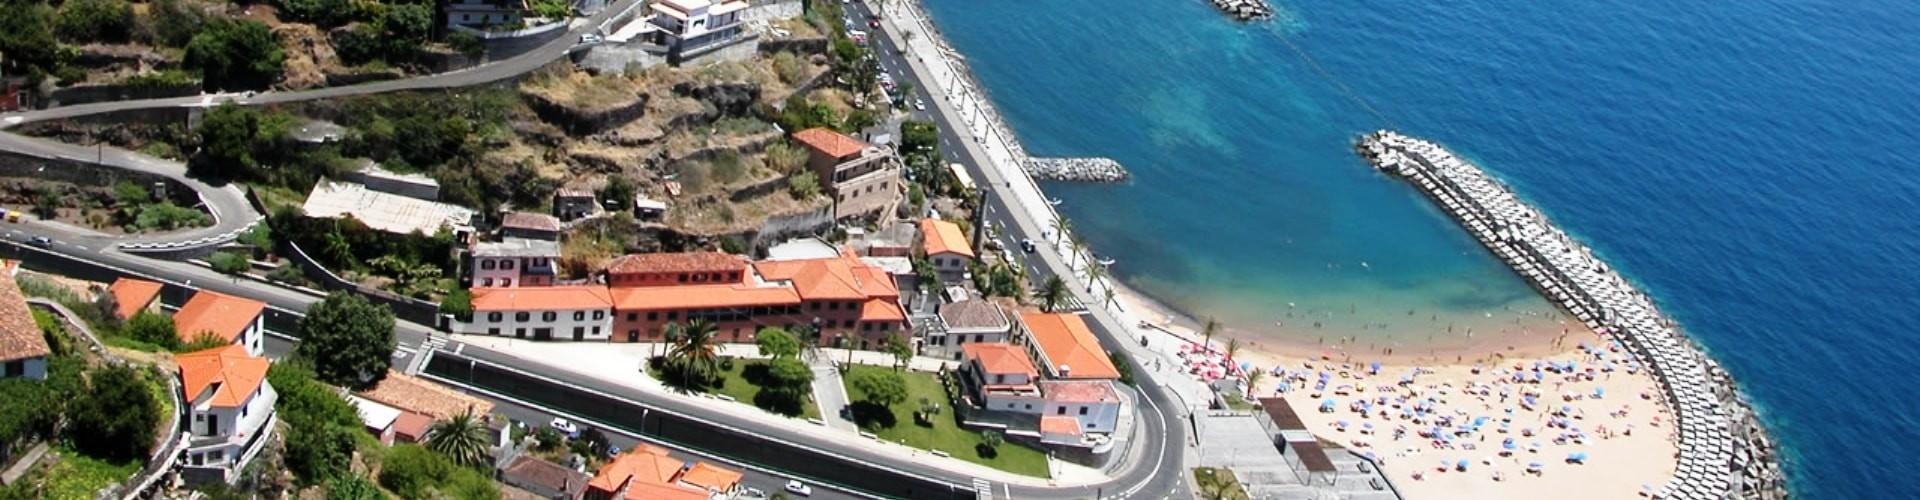 Municipio da Calheta na Ilha da Madeira